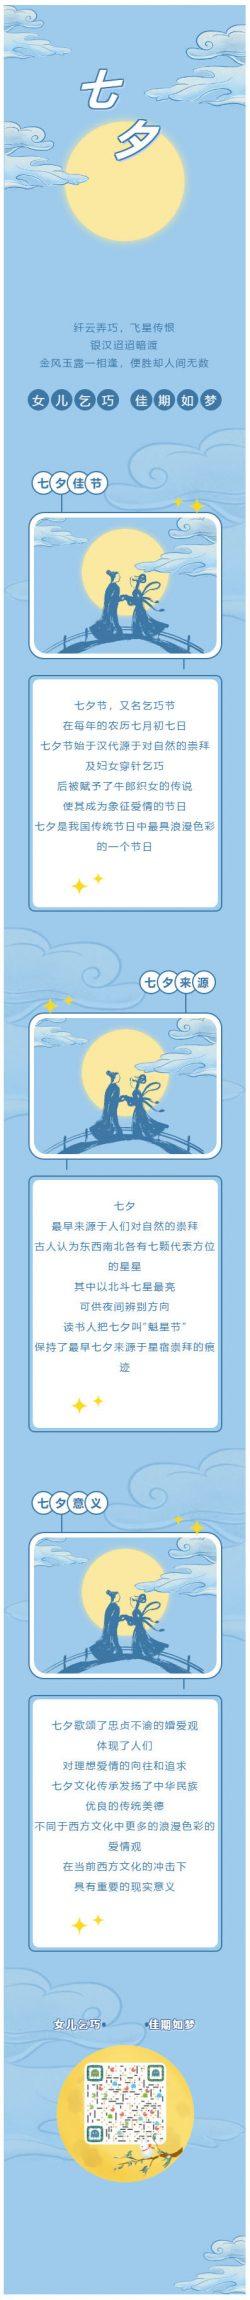 七夕节牛郎织女鹊桥微信公众号情人节模板推送图文素材推文模板